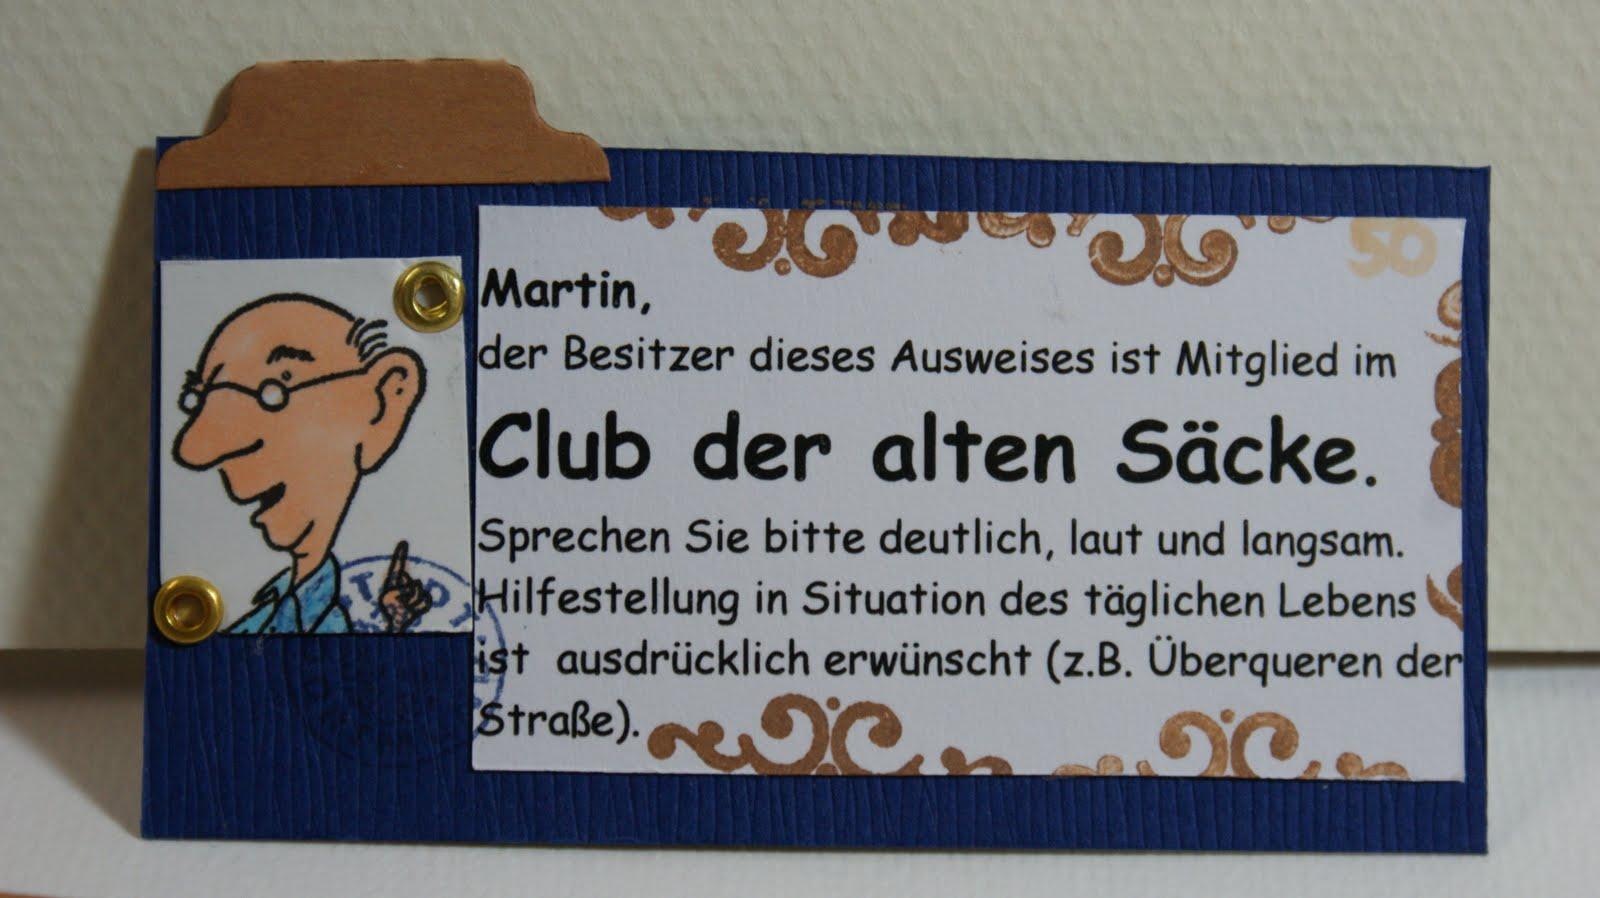 Außergewöhnlich Mitglied Im Club Der Alten Säcke.